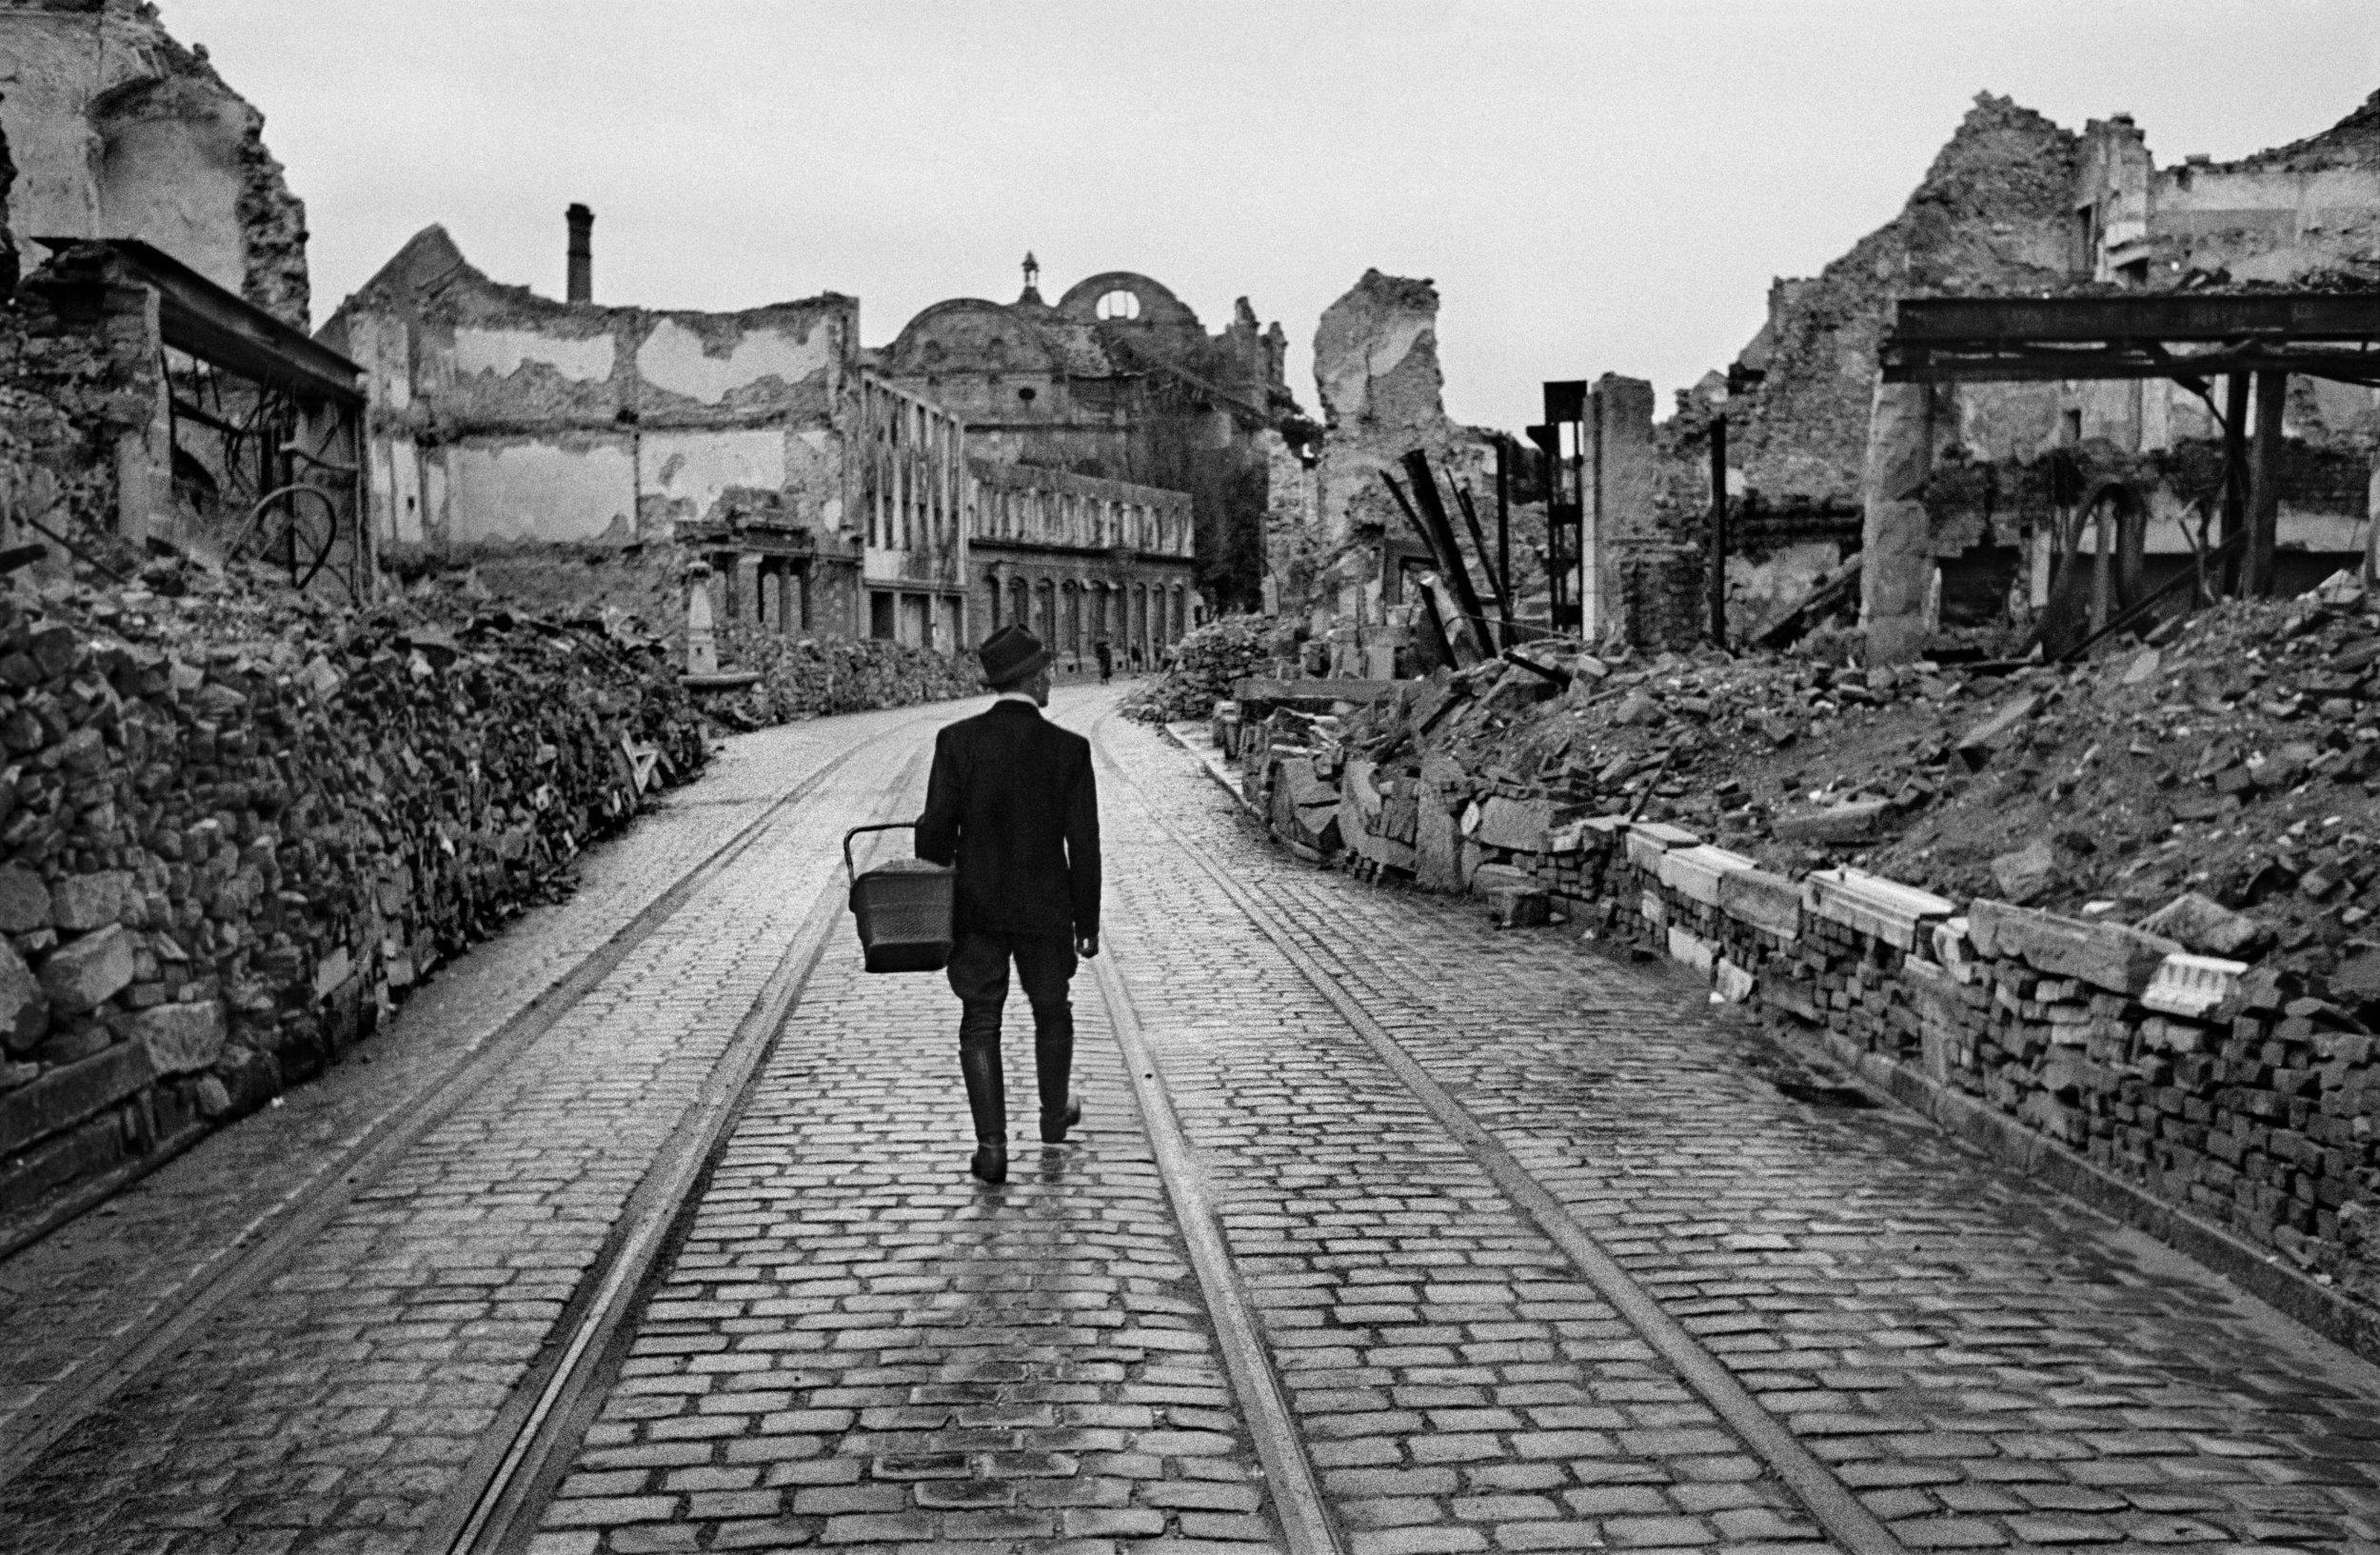 Germany. Freiburg im Breisgau, 1945 © Werner Bischof_ Magnum Photos 2019